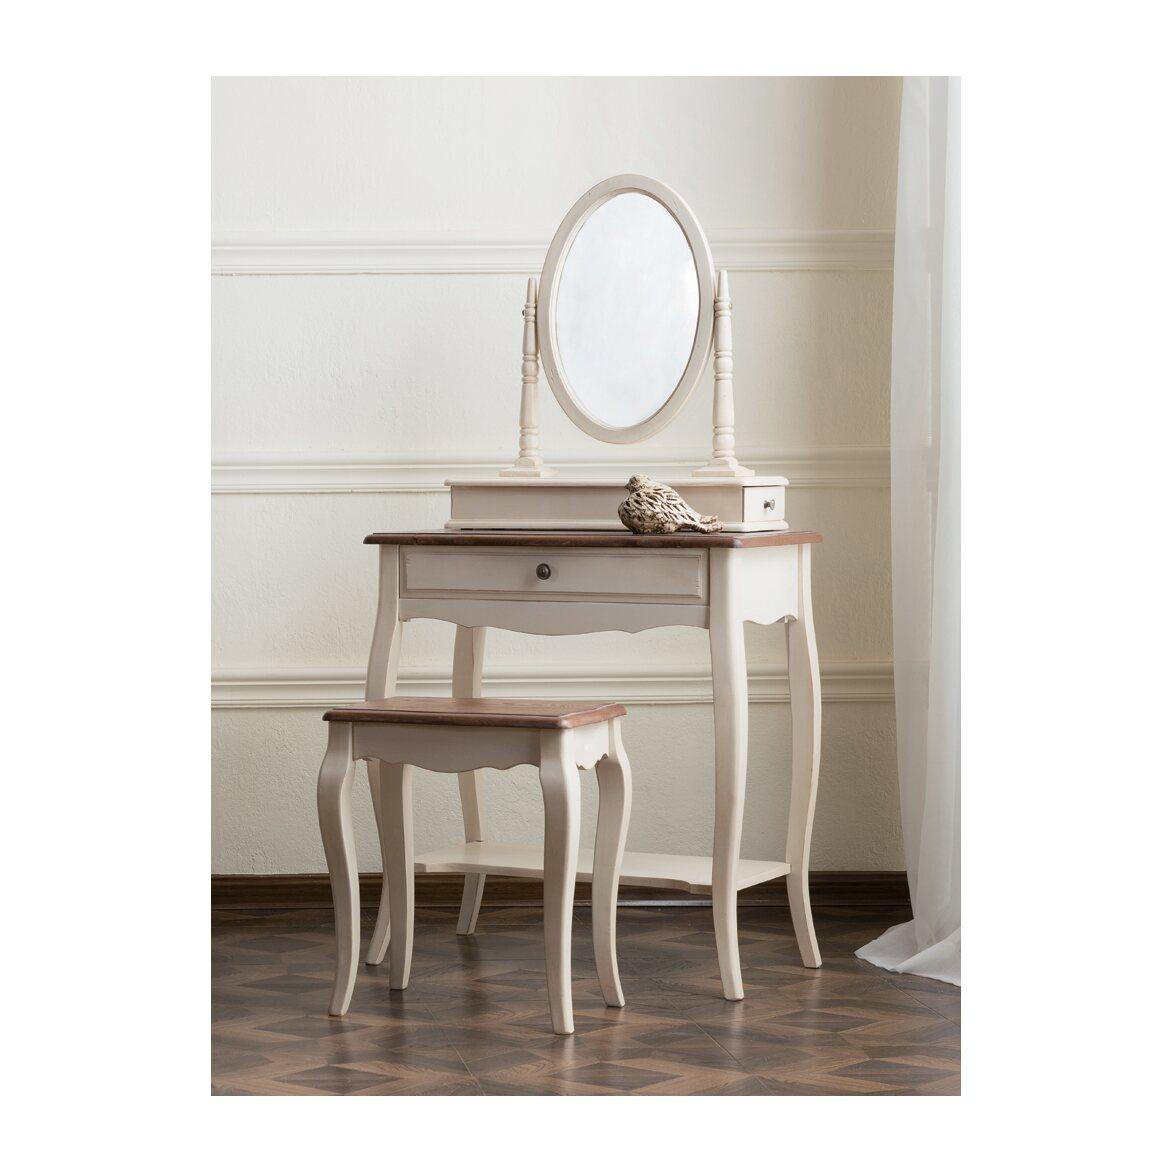 Туалетный столик с овальным зеркалом Leontina, бежевого цвета 9   Туалетные столики Kingsby